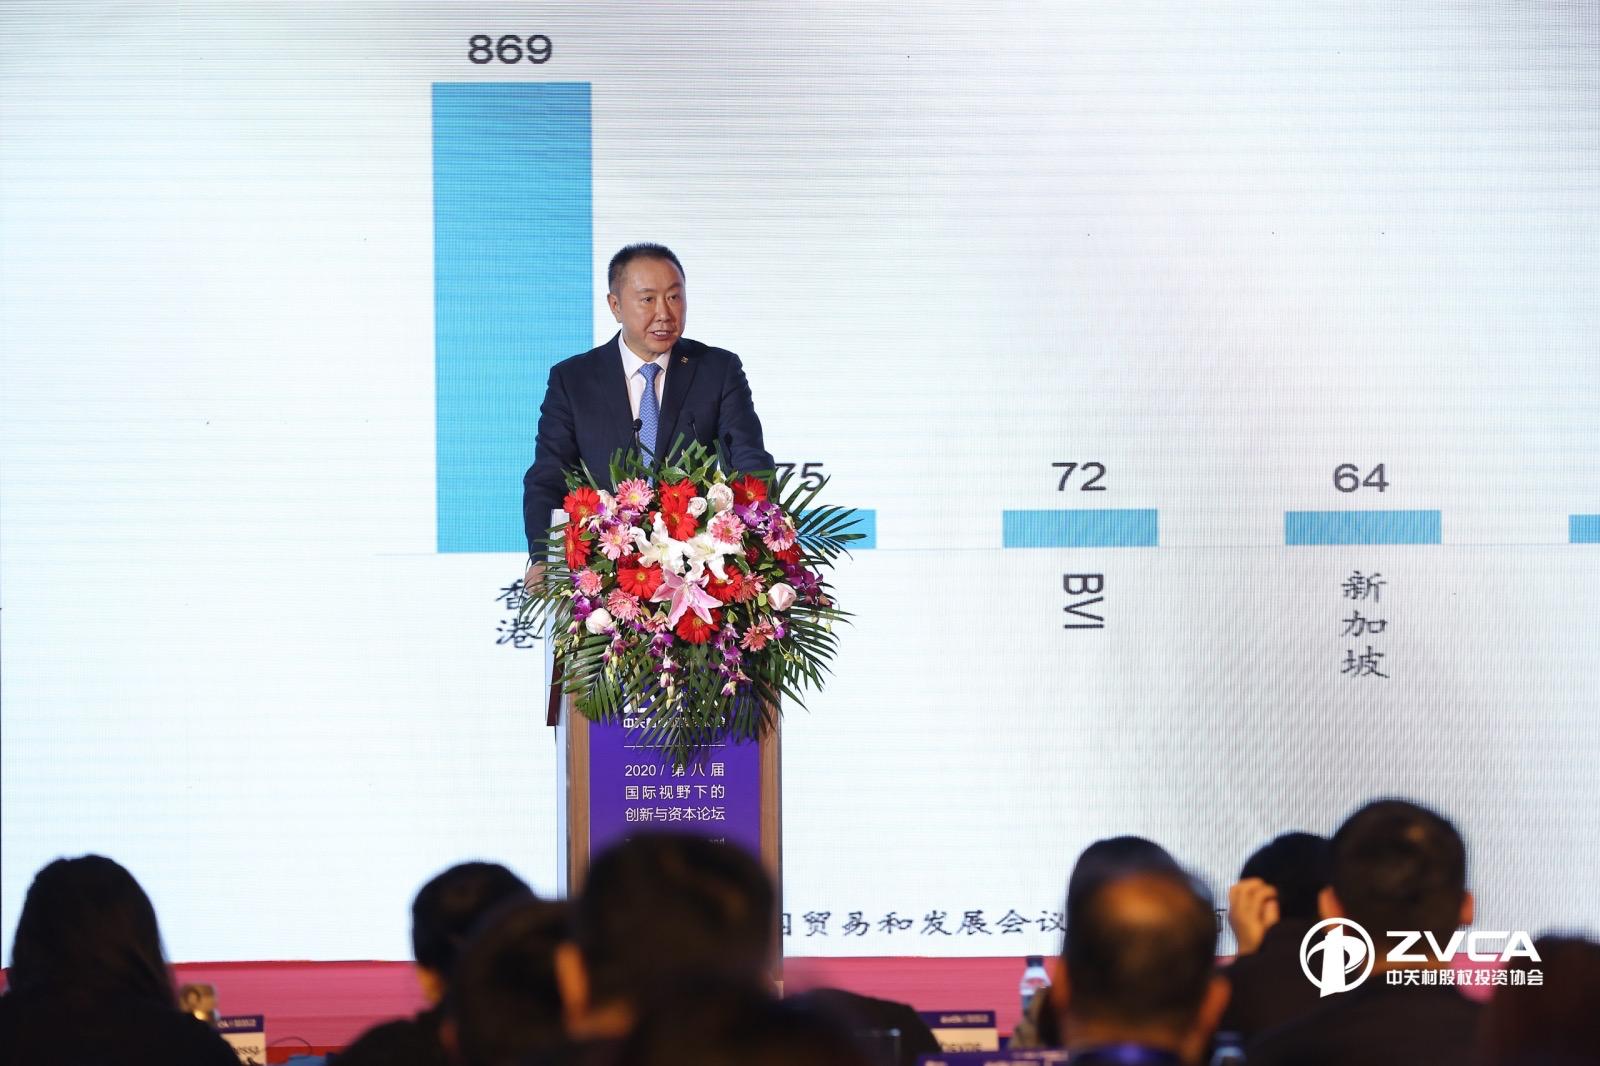 泛海控股监事会副主席刘冰:2019年前三季度中国海外并购总额428.1亿美元,同比下降44.6%